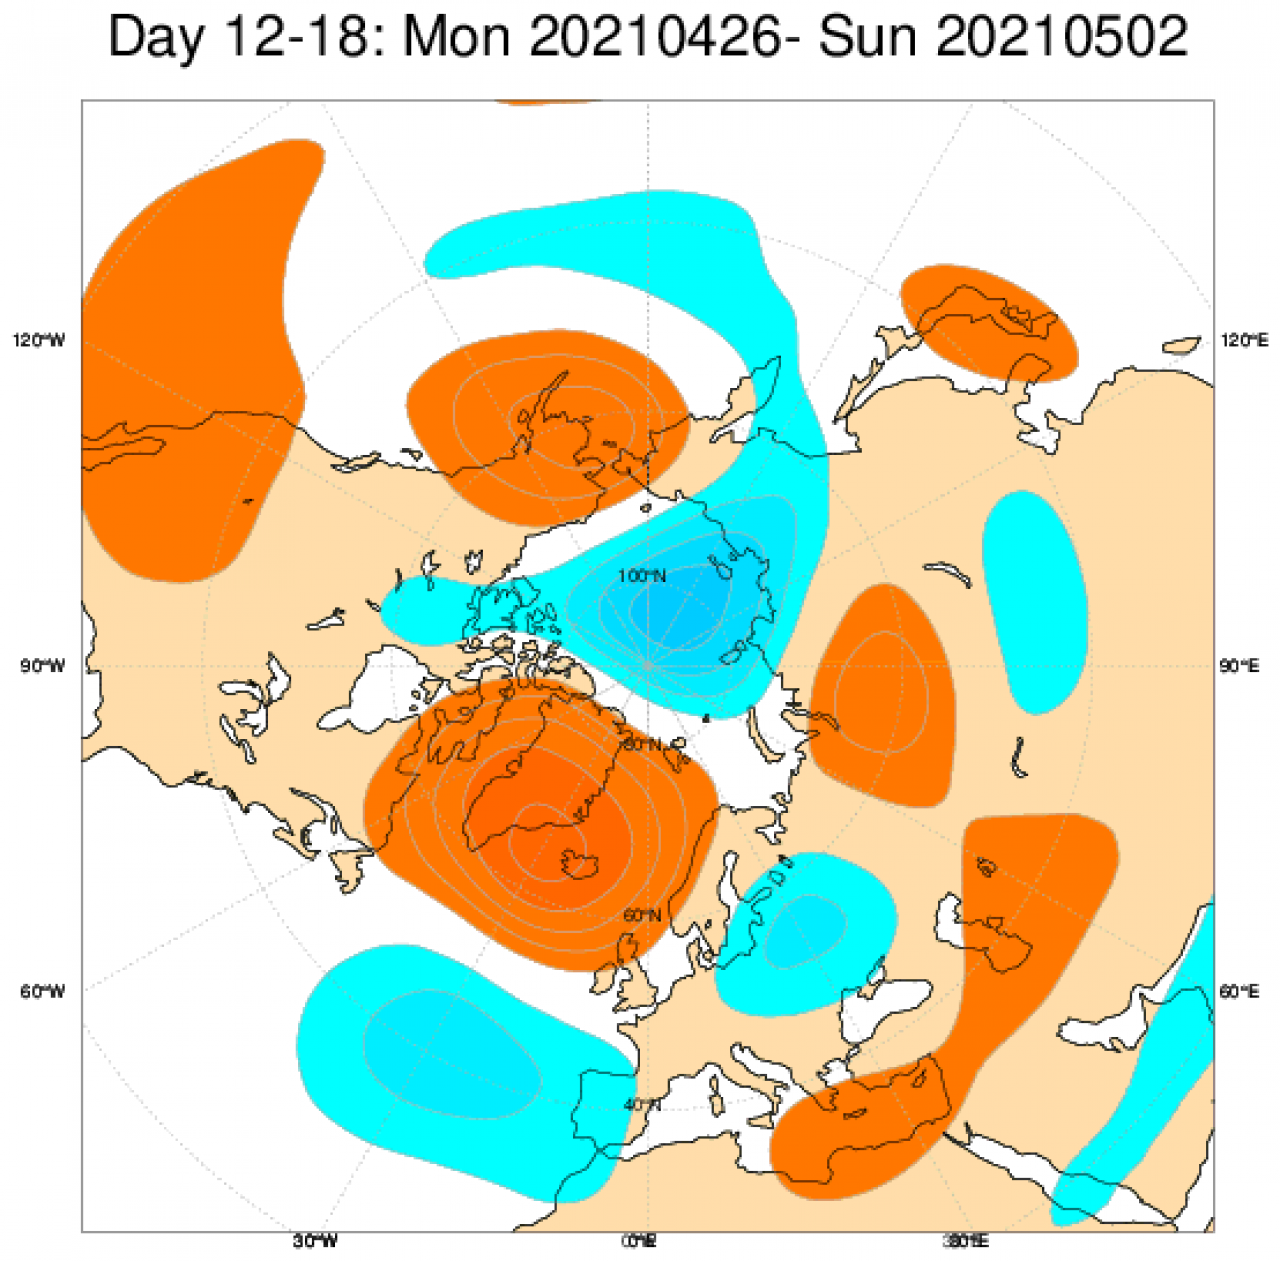 Le anomalie di geopotenziale (in blu sottomedia, in rosso sopramedia), secondo il modello ECMWF per il periodo 26 aprile - 2 maggio